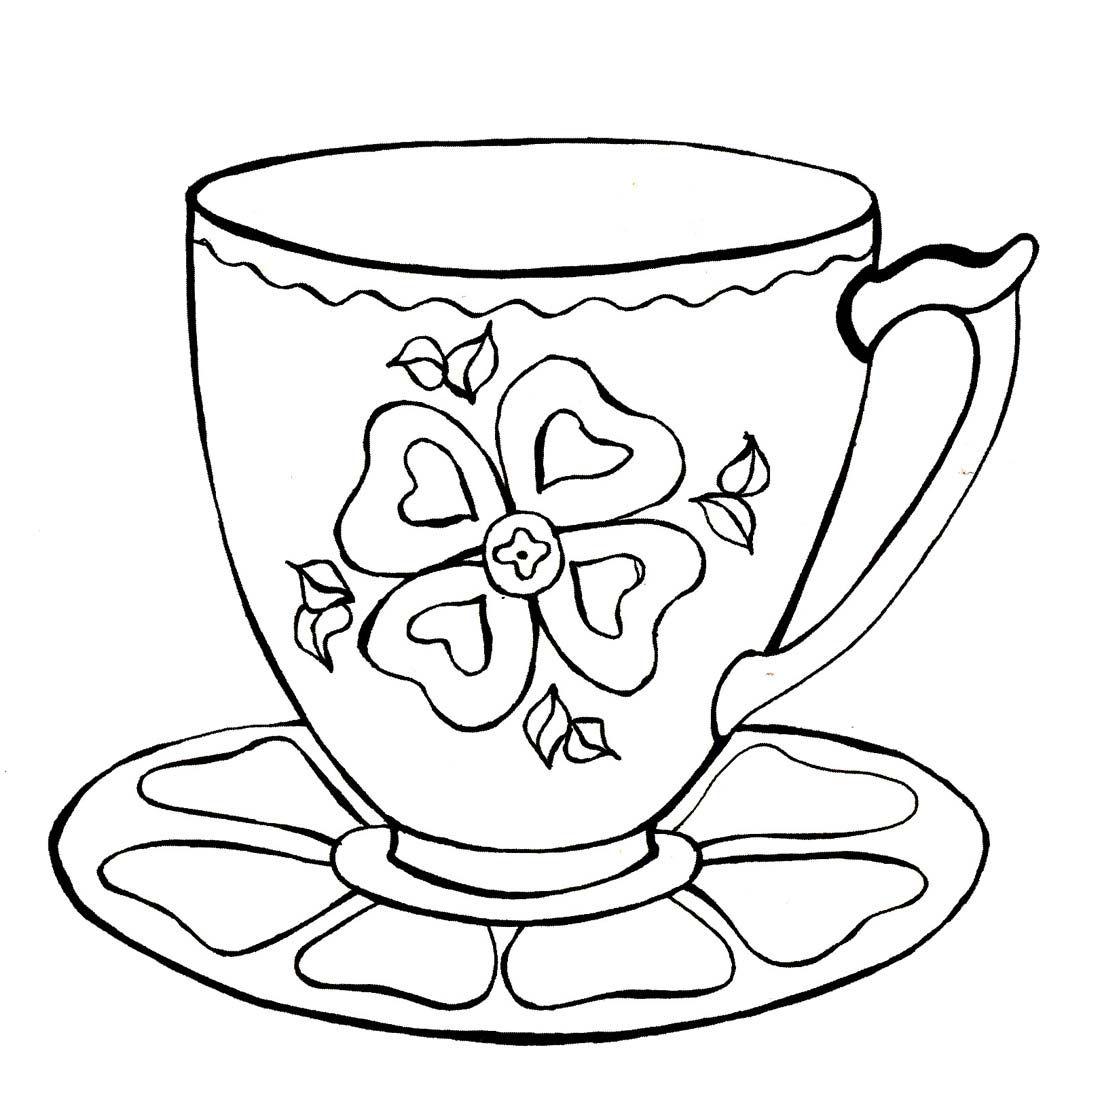 Раскраски чашки с блюдцем